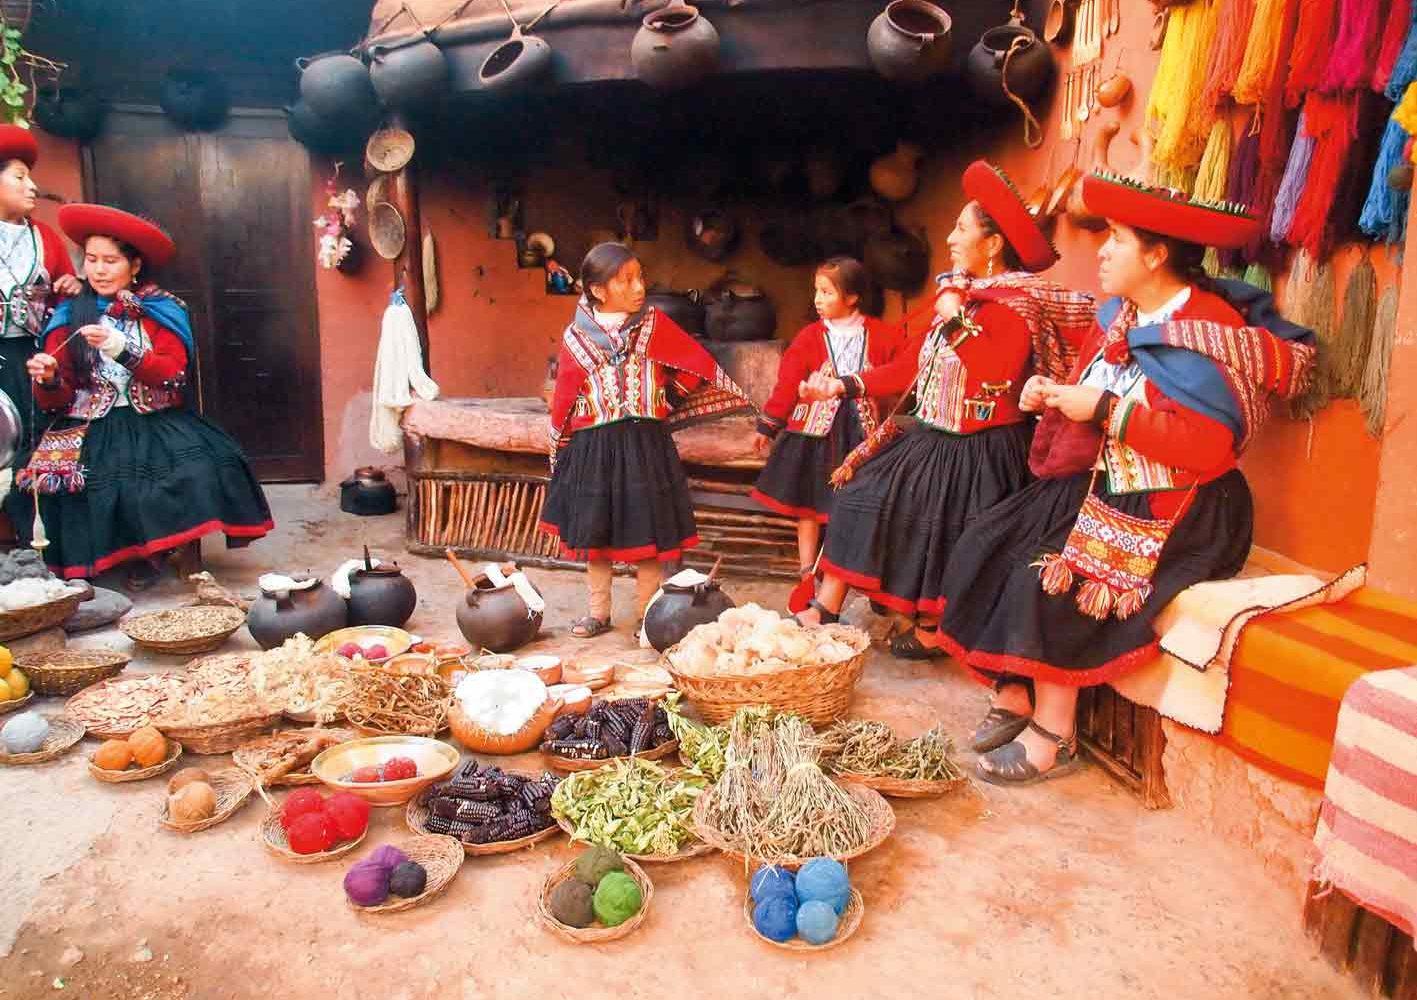 Wir erhalten einen Einblick in das Leben der Einheimischen, Peru